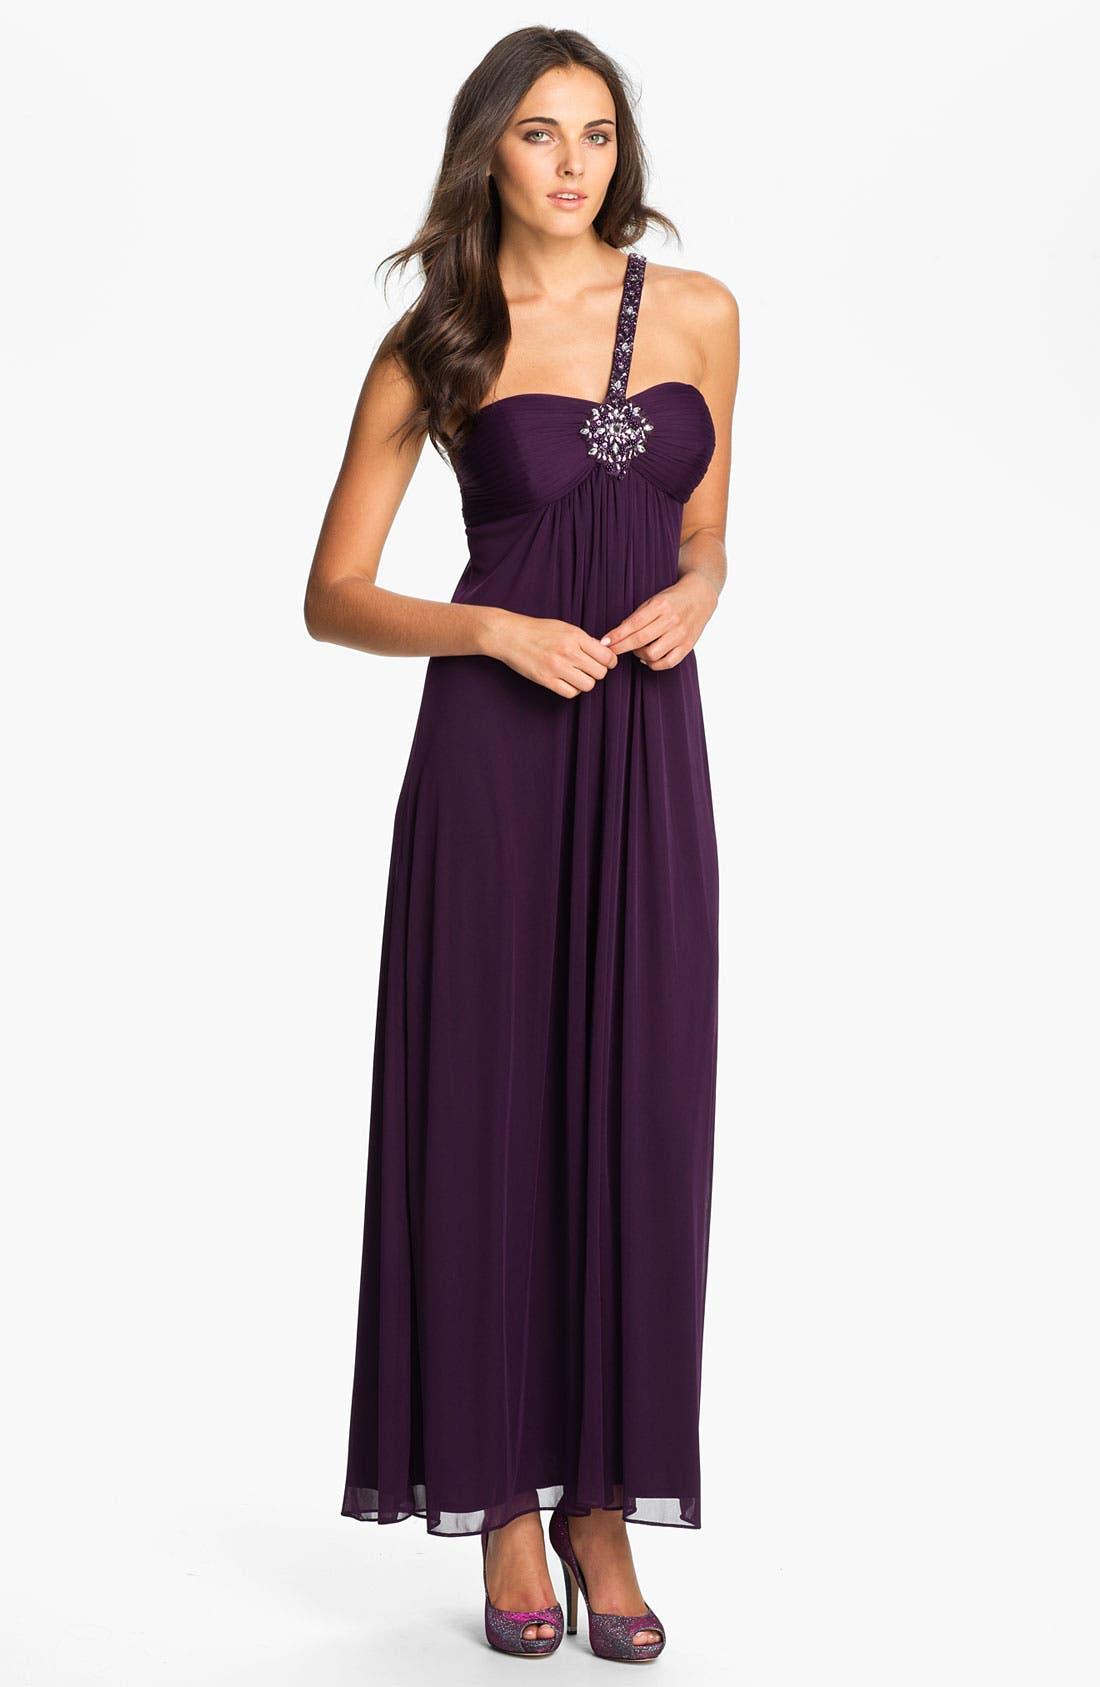 Main Image - Xscape Single Shoulder Strap Empire Waist Mesh Gown